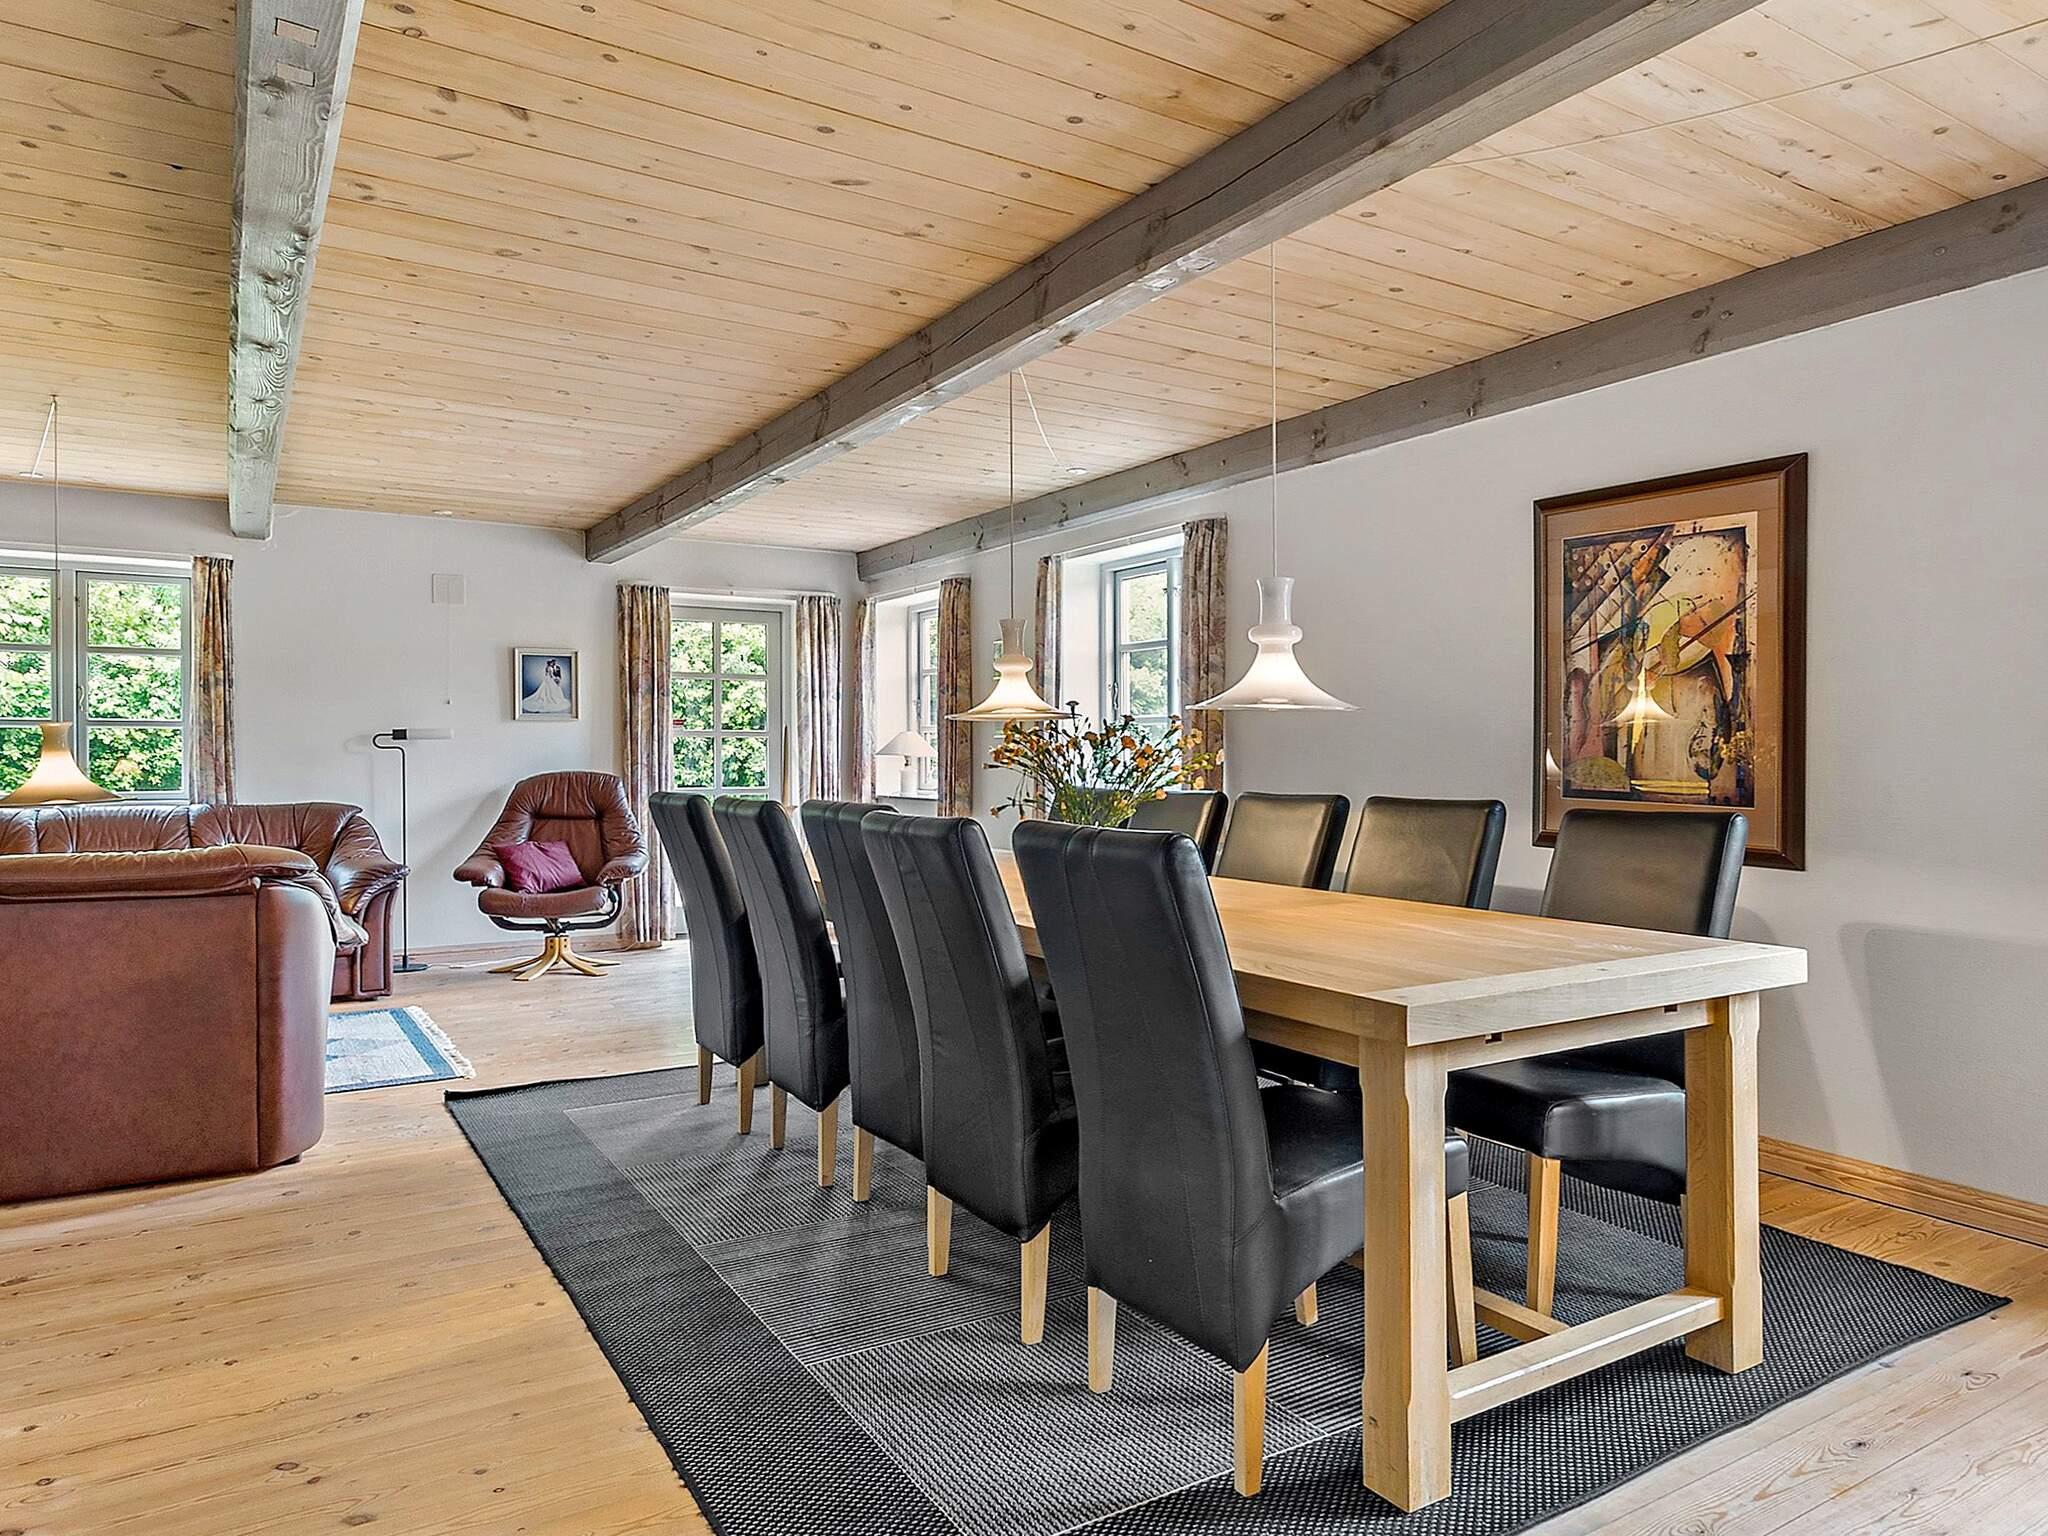 Ferienhaus Gram (2596230), Gram, , Südwestjütland, Dänemark, Bild 8